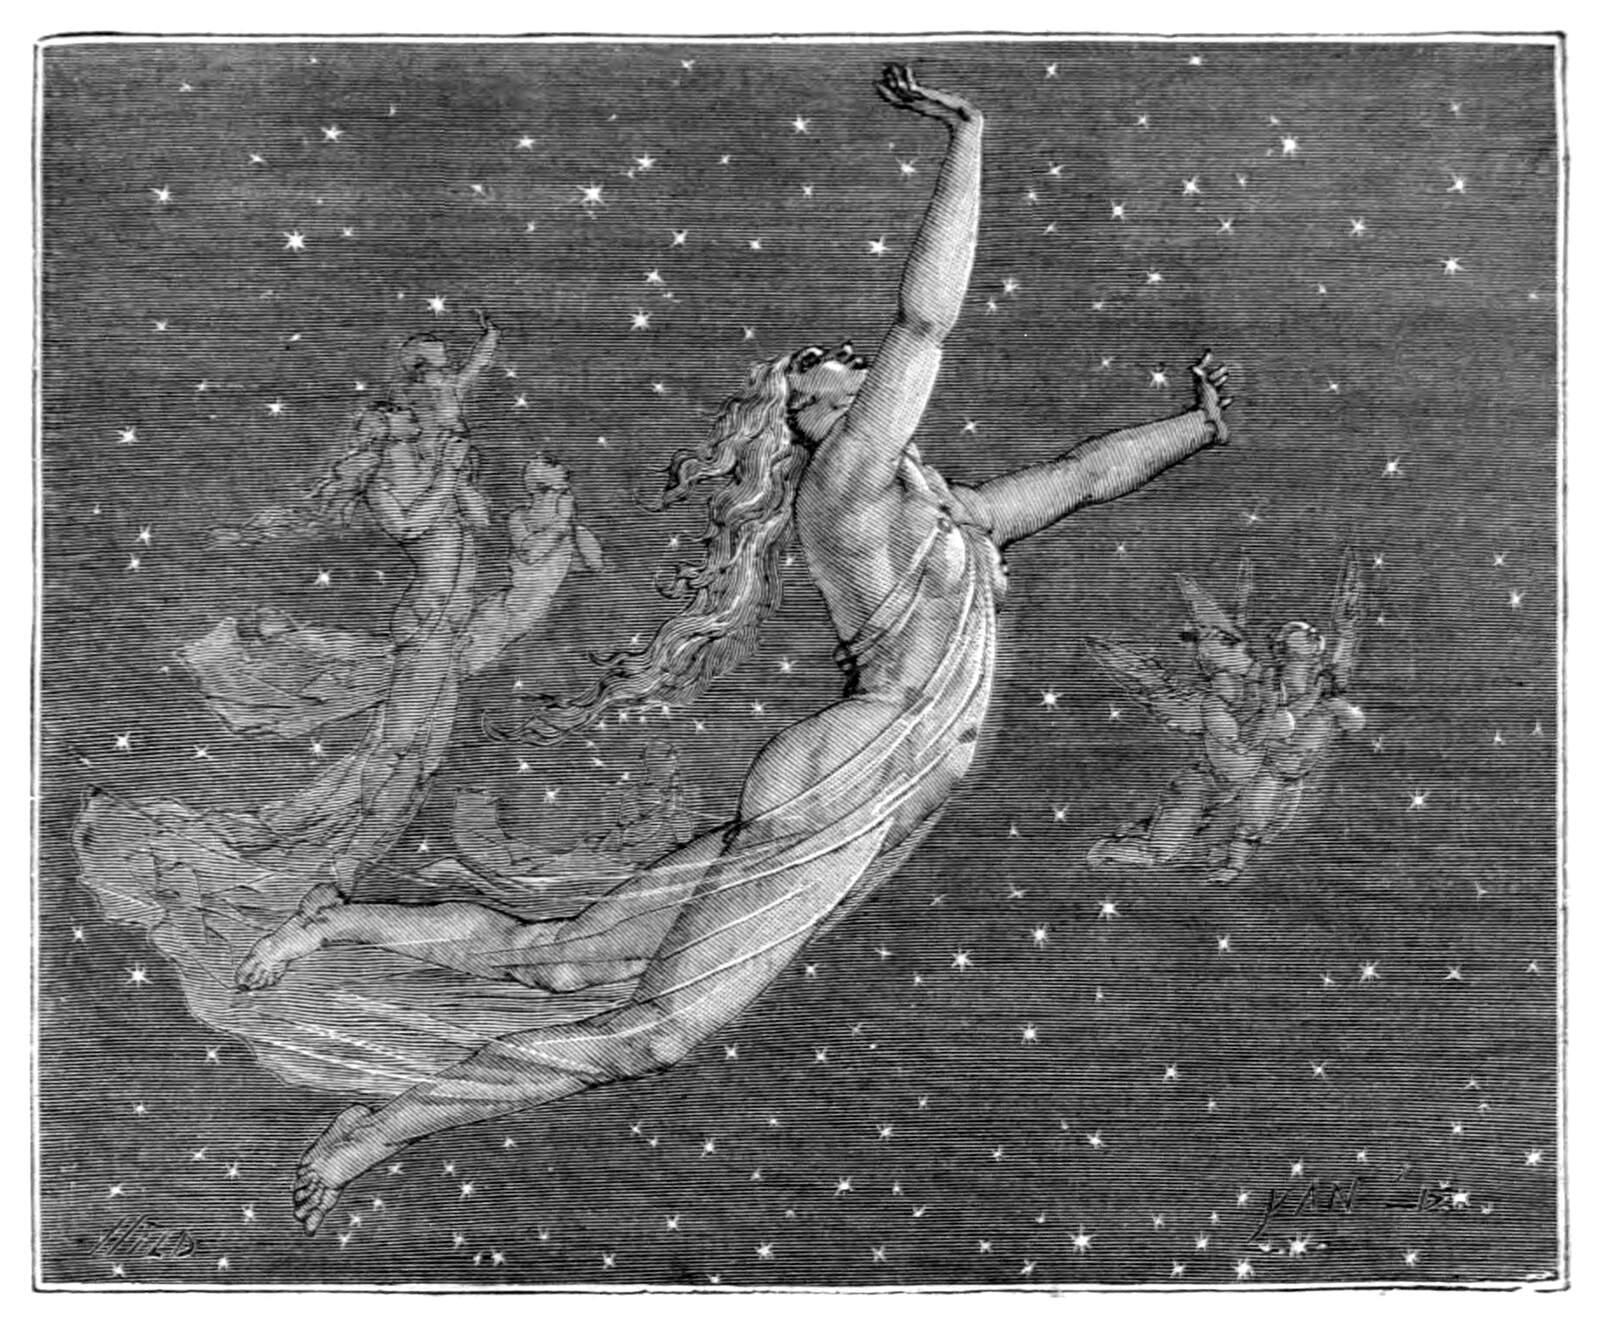 Ilustración de Yan' Dargent para una edición de 1870 de la 'Divina comedia' de Dante